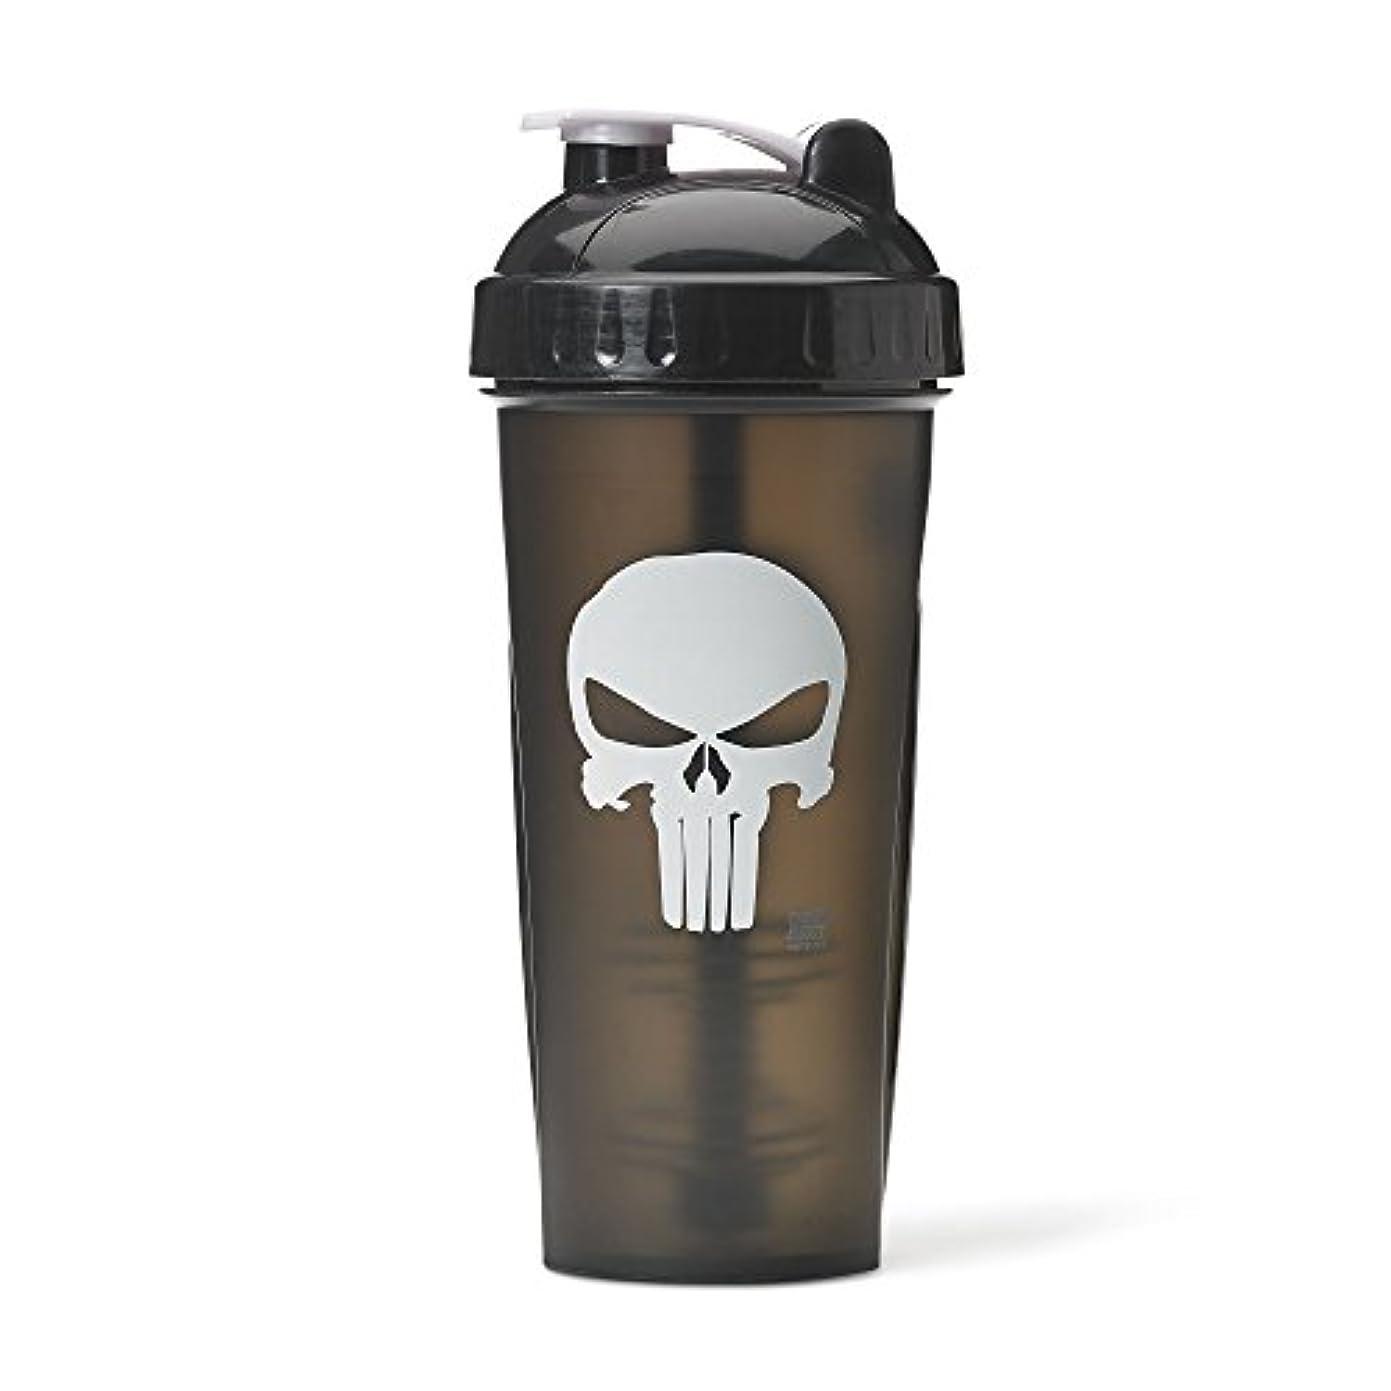 祖母疑問に思うコンプライアンスPerforma Marvel Shaker - Original Series, Leak Free Protein Shaker Bottle with Actionrod Mixing Technology for...